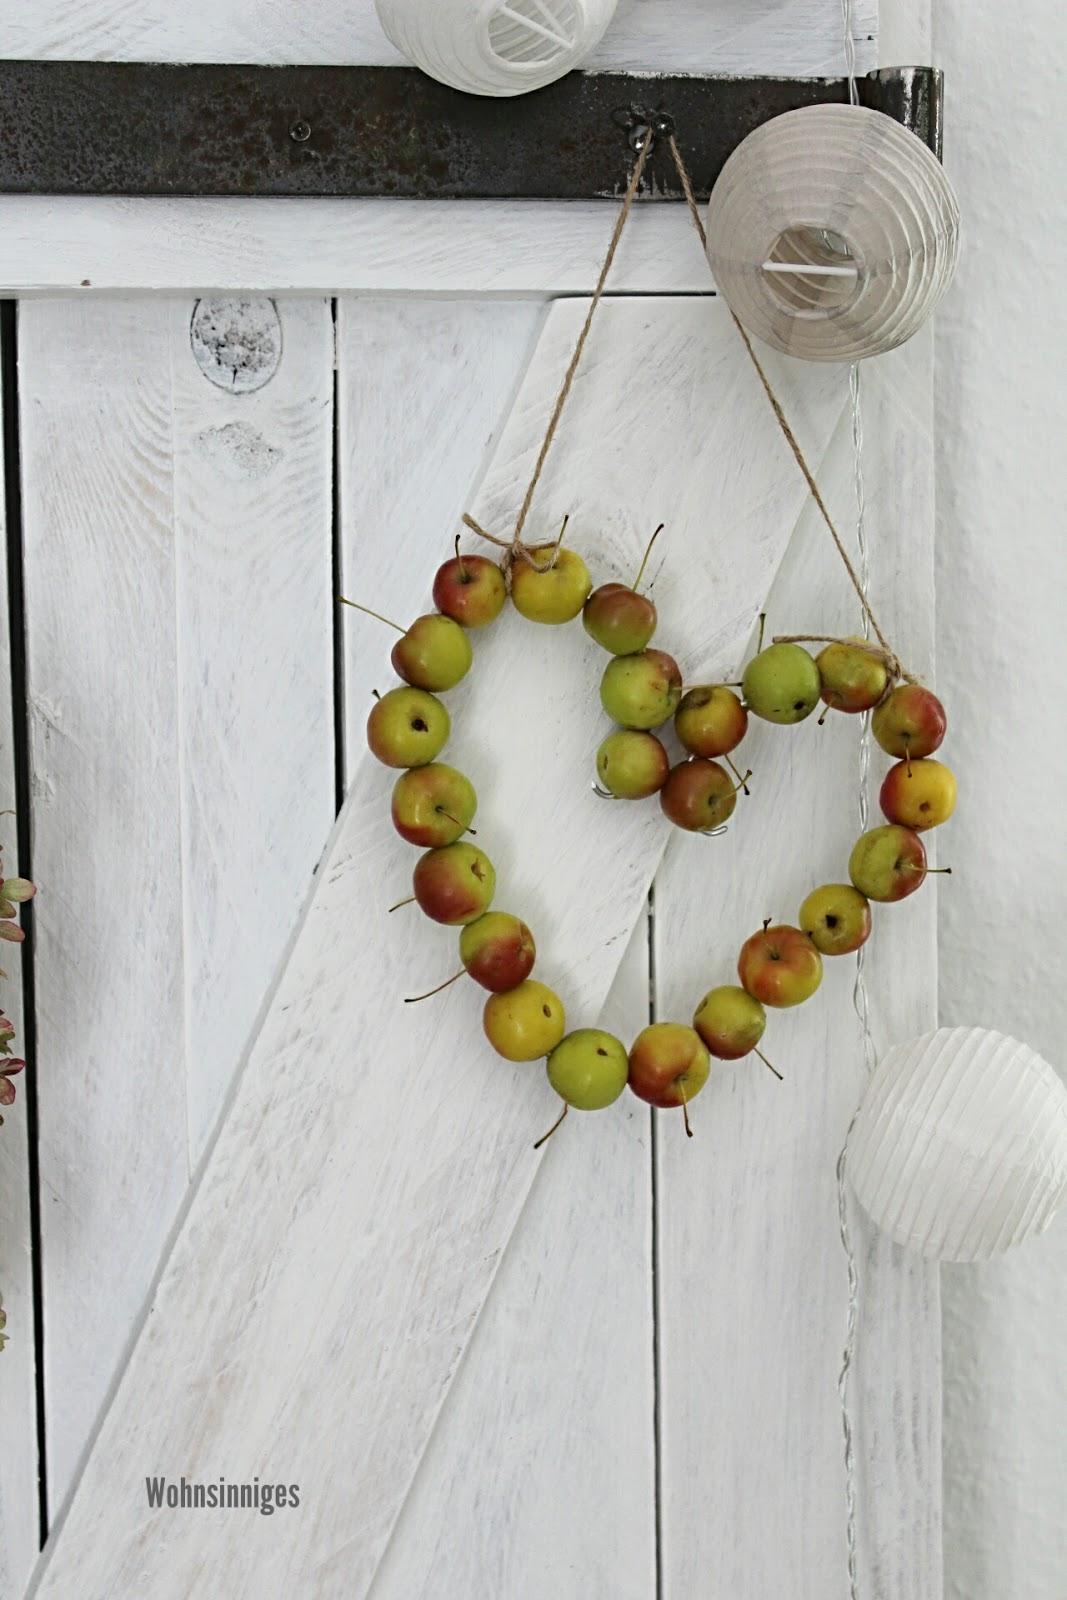 Schon Unser Zierapfelbäumchen Hatte Soooo Viele Äpfel Dran, Da Mussten Unbedingt  Welche Geerntet Werden : ) So Entstand Das Apfelherzchen : ))